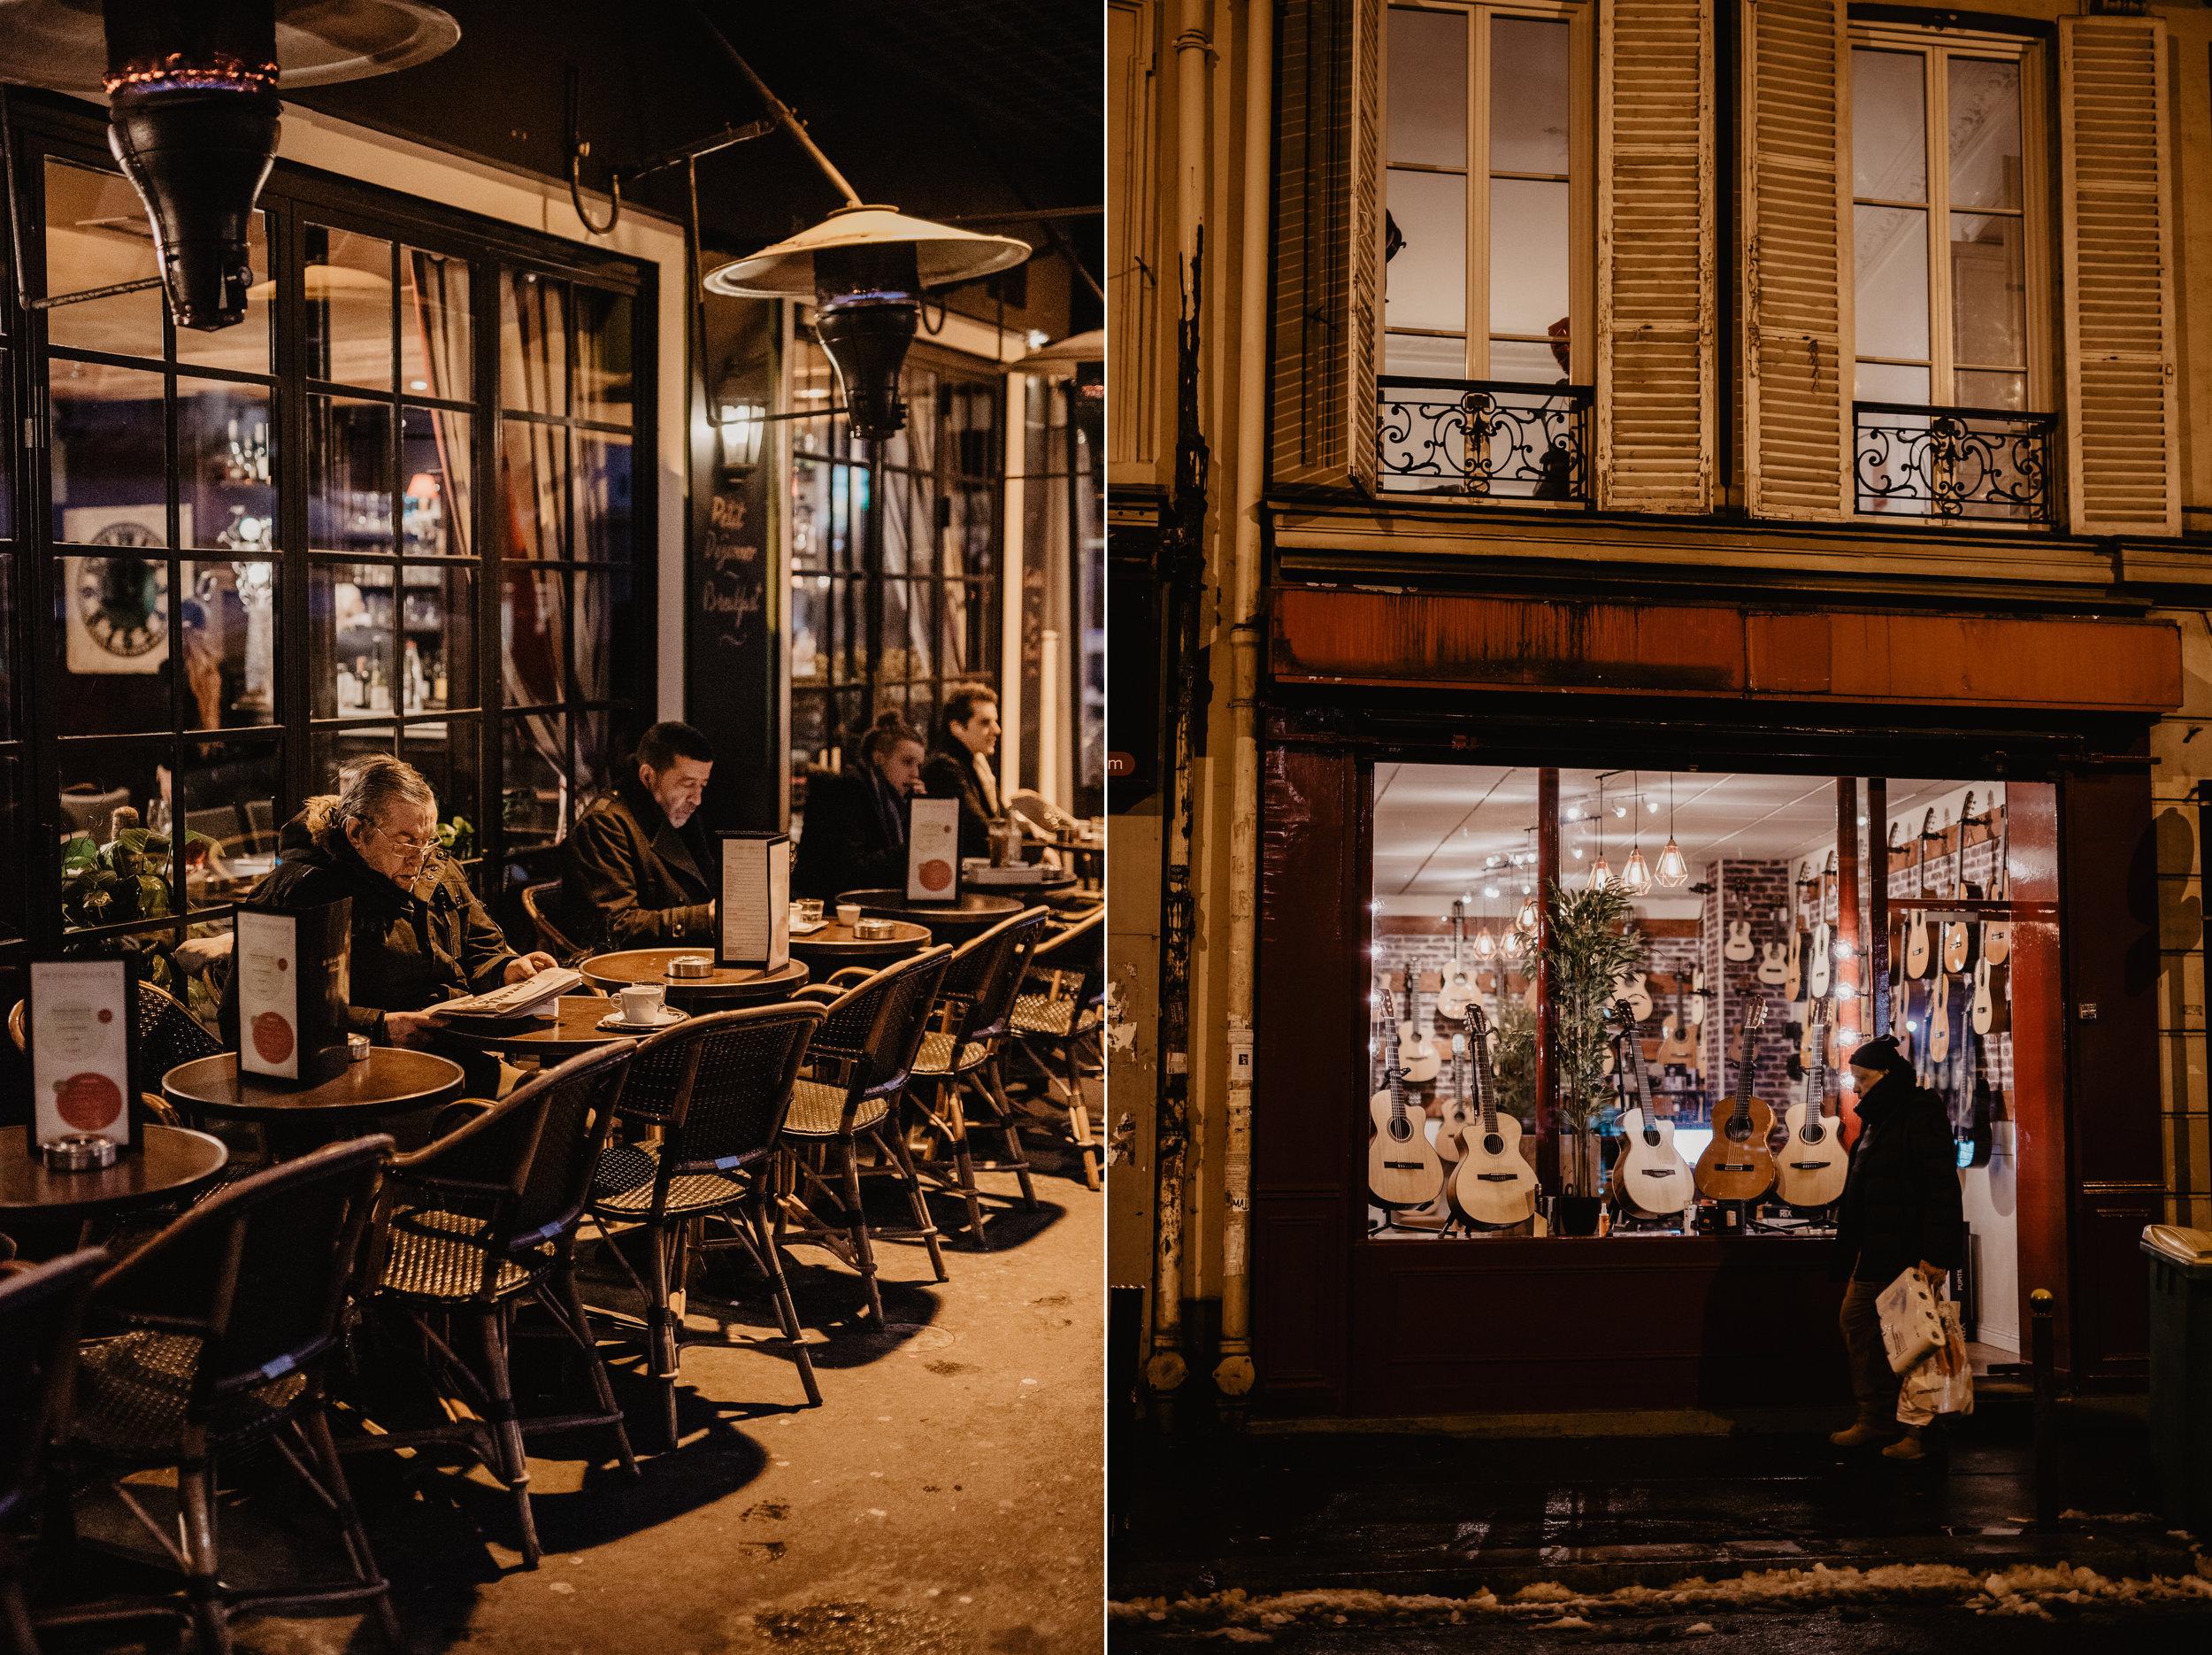 Paris_MissFrecklesPhotography 4.jpg